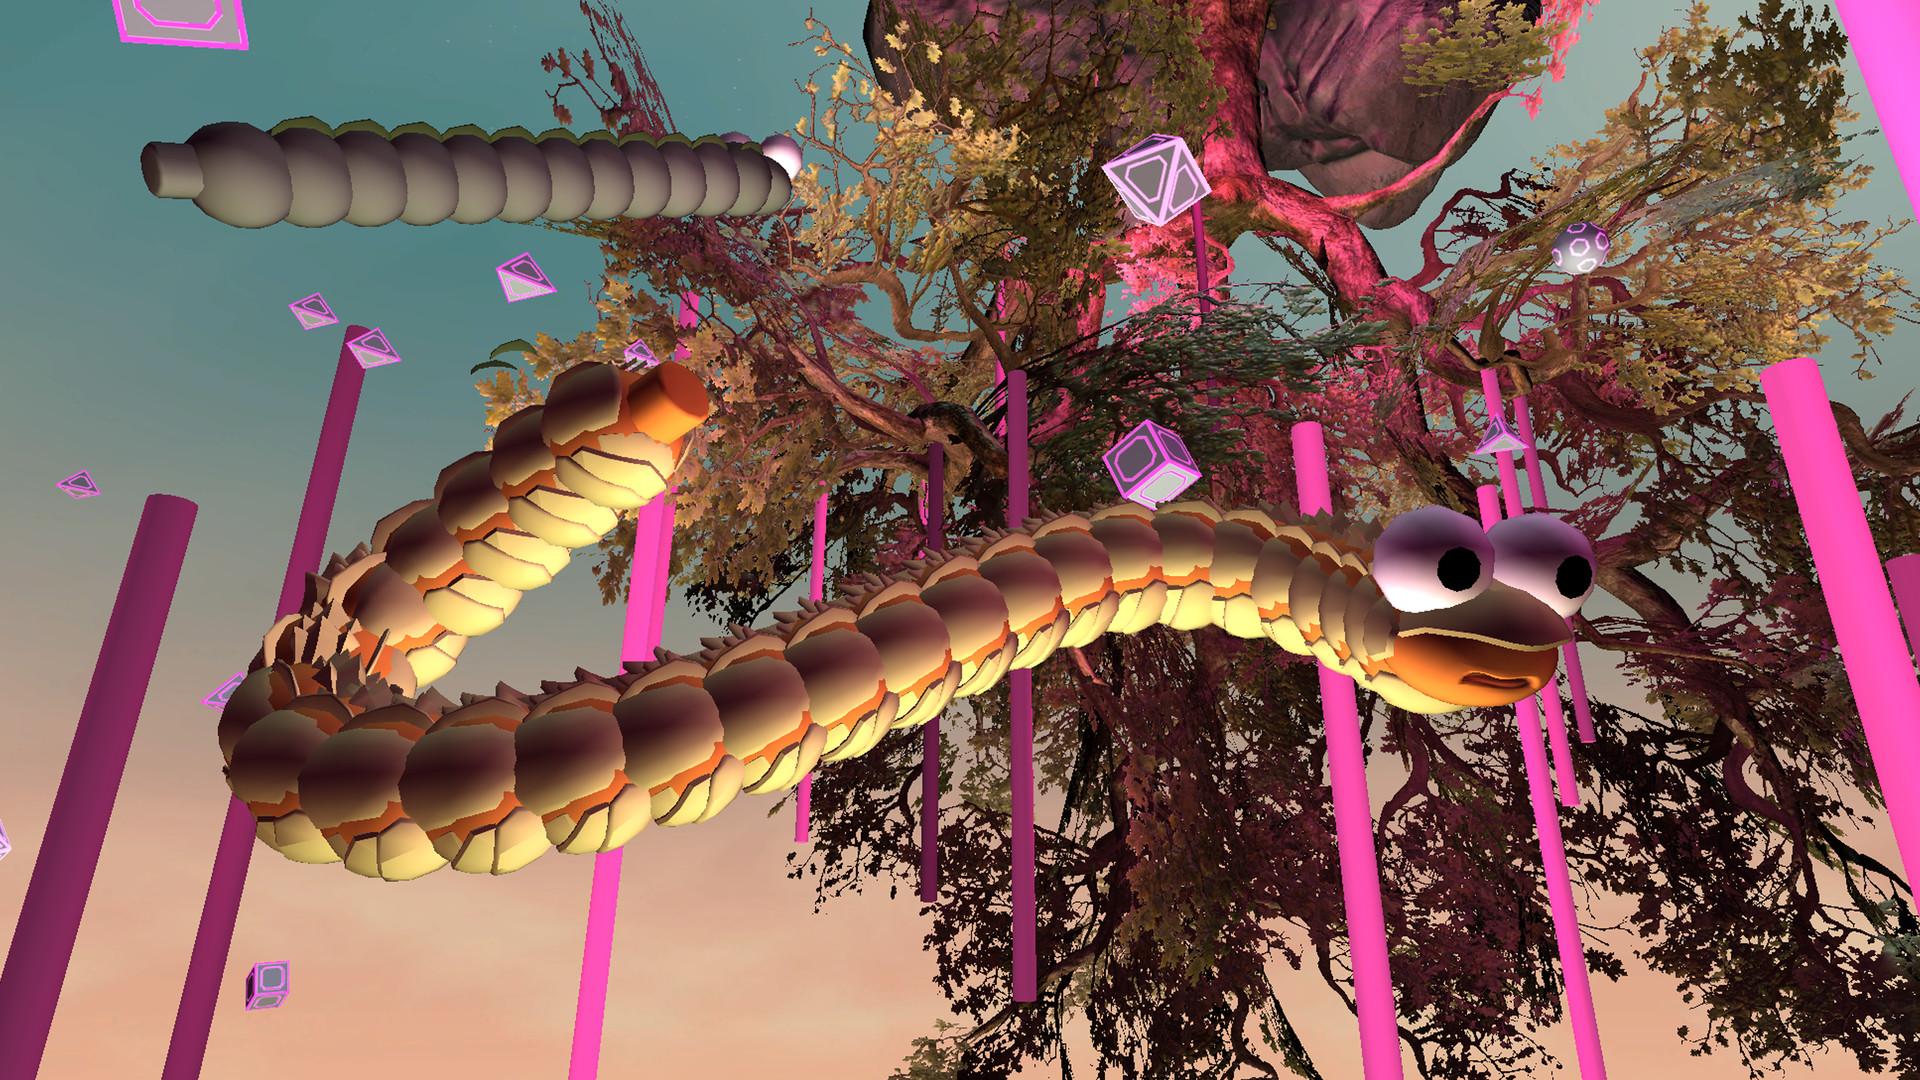 Oculus Quest 游戏《Space Slurpies》VR贪吃蛇插图